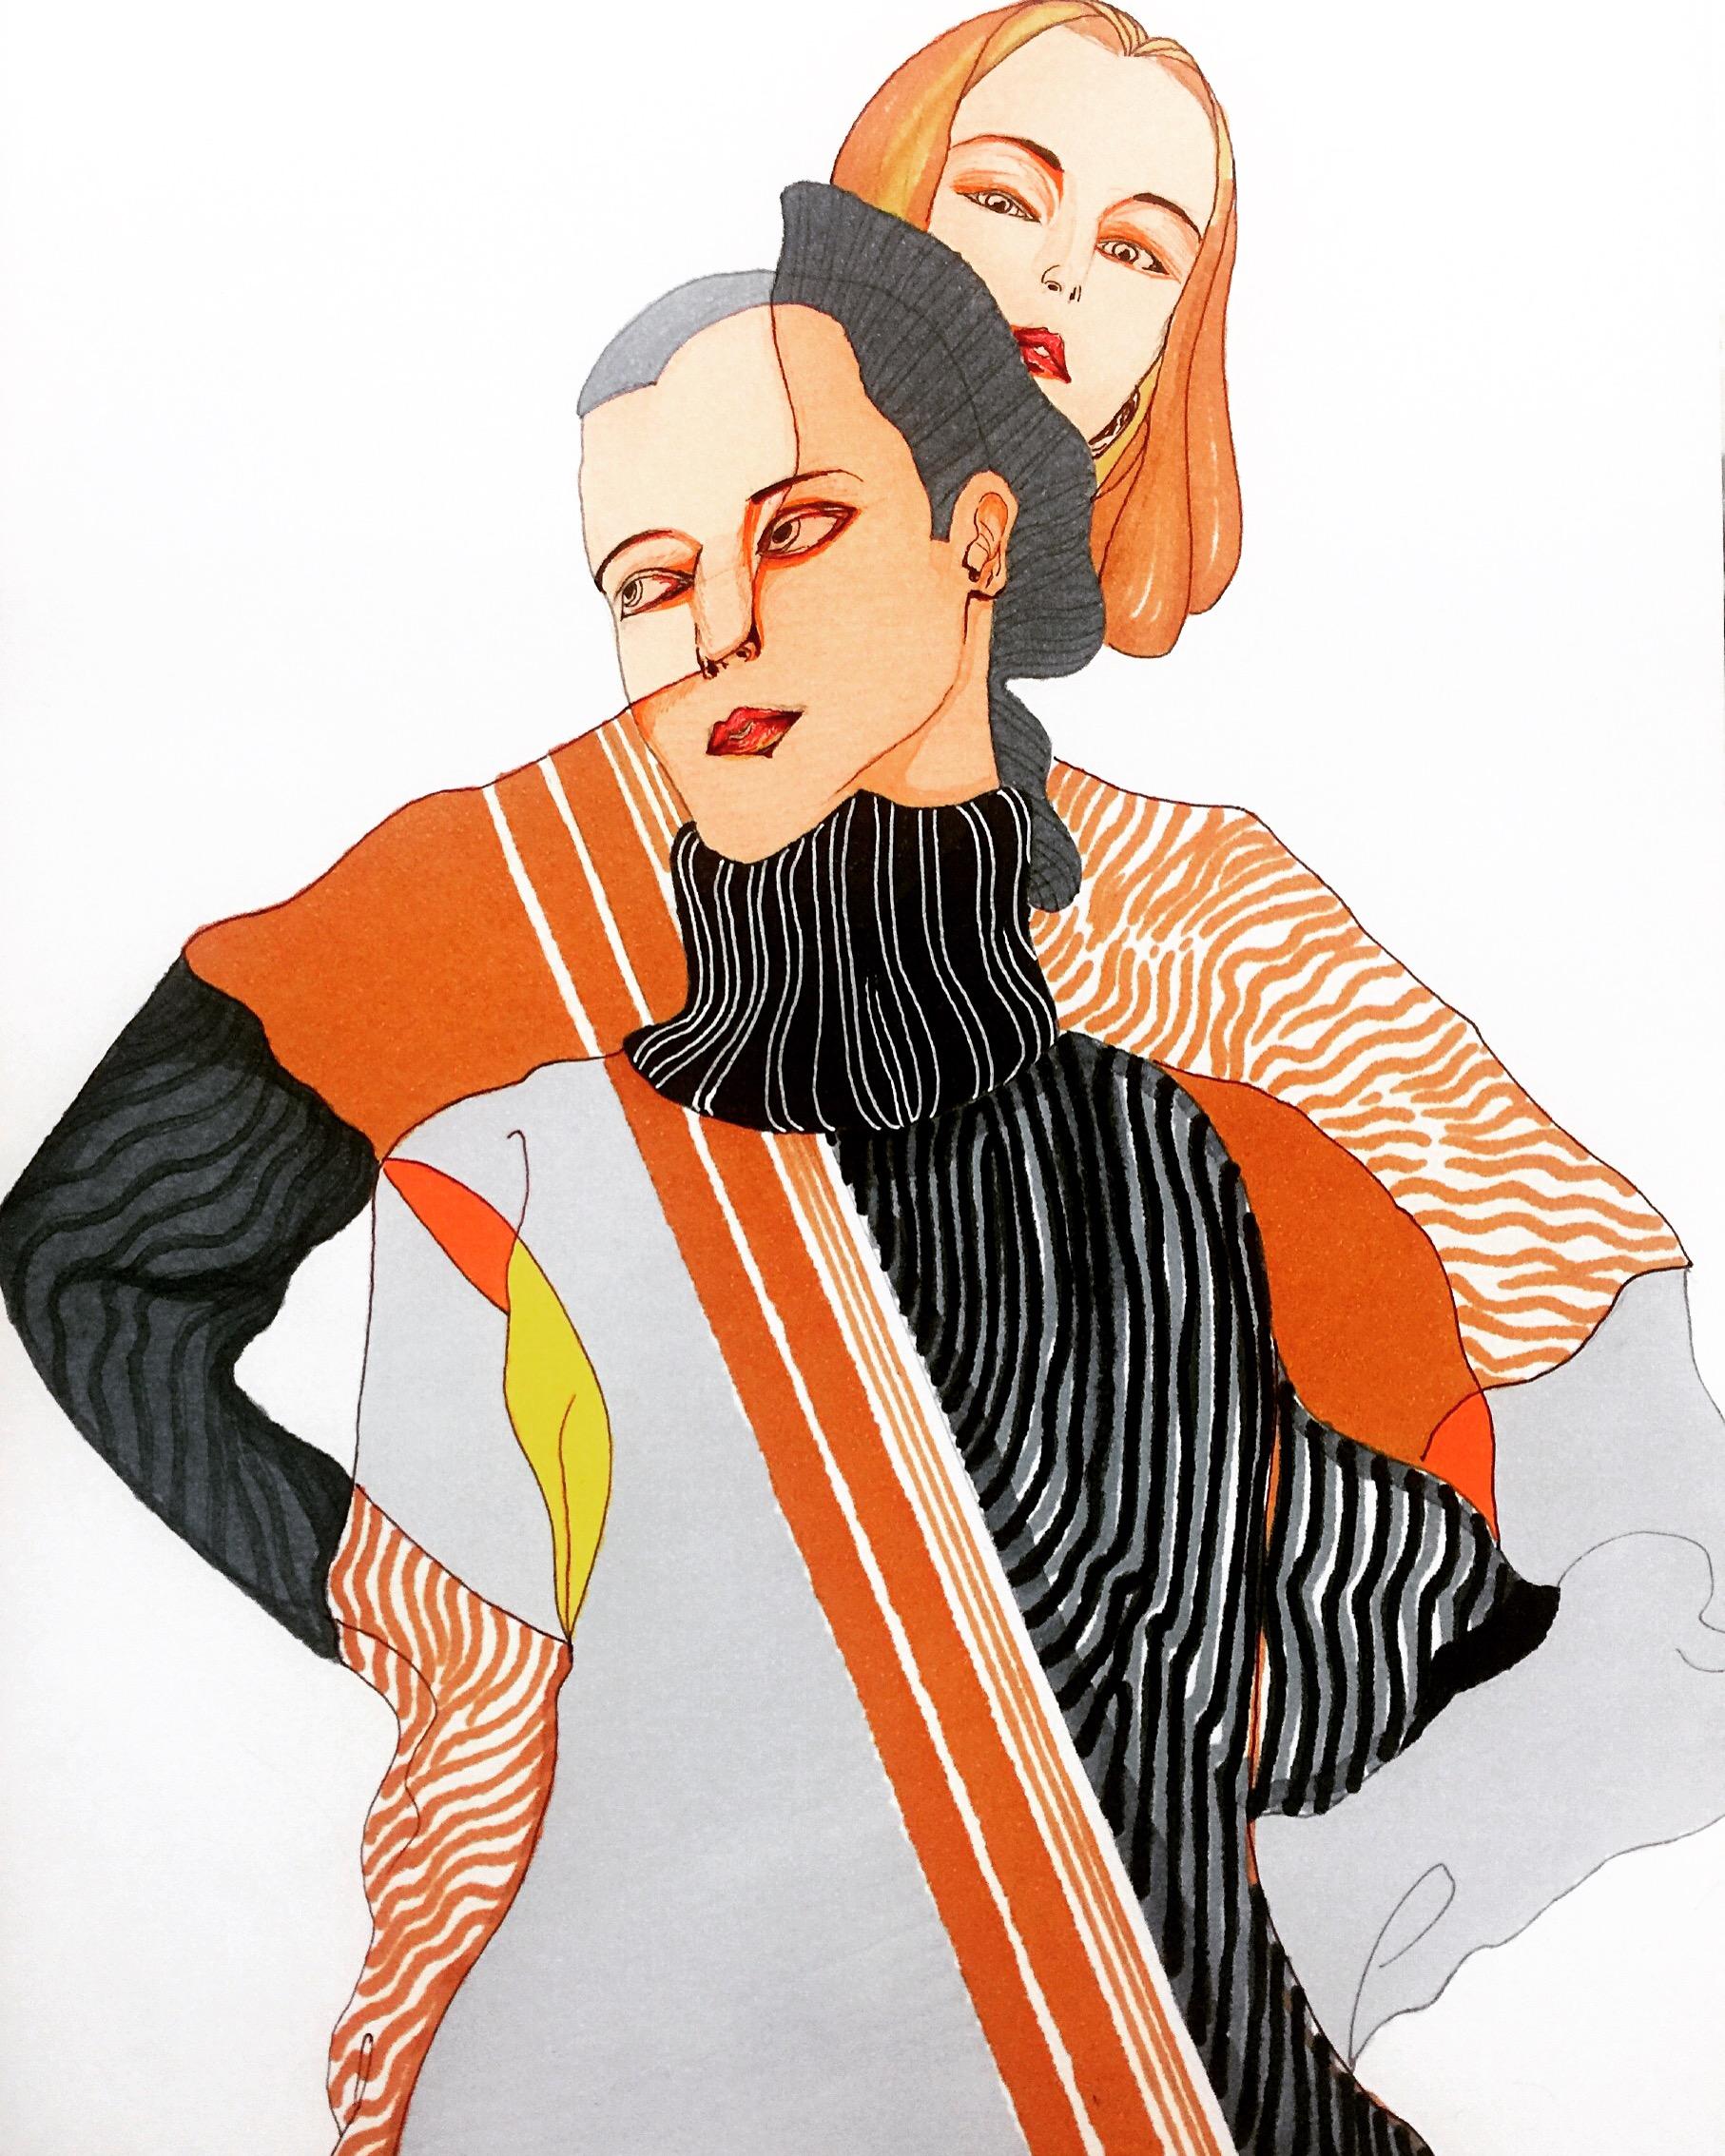 马克笔手绘人物|插画|插画习作|enyayu - 原创作品